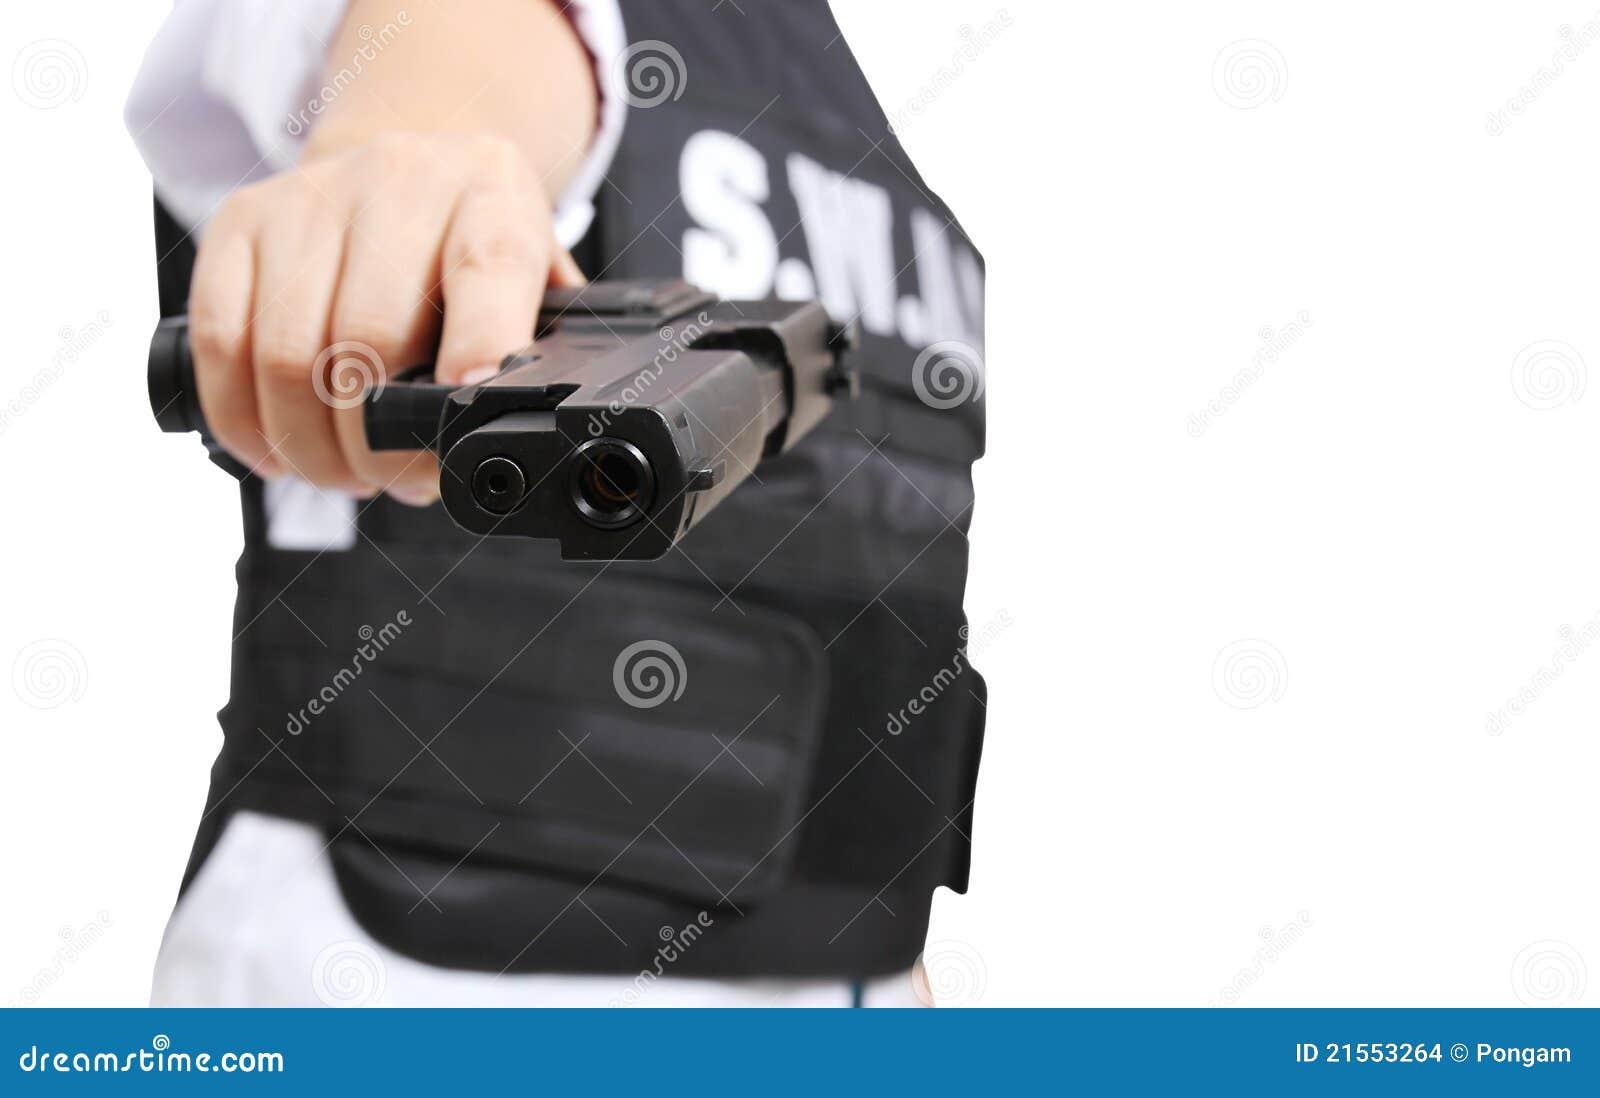 Gun and Swat